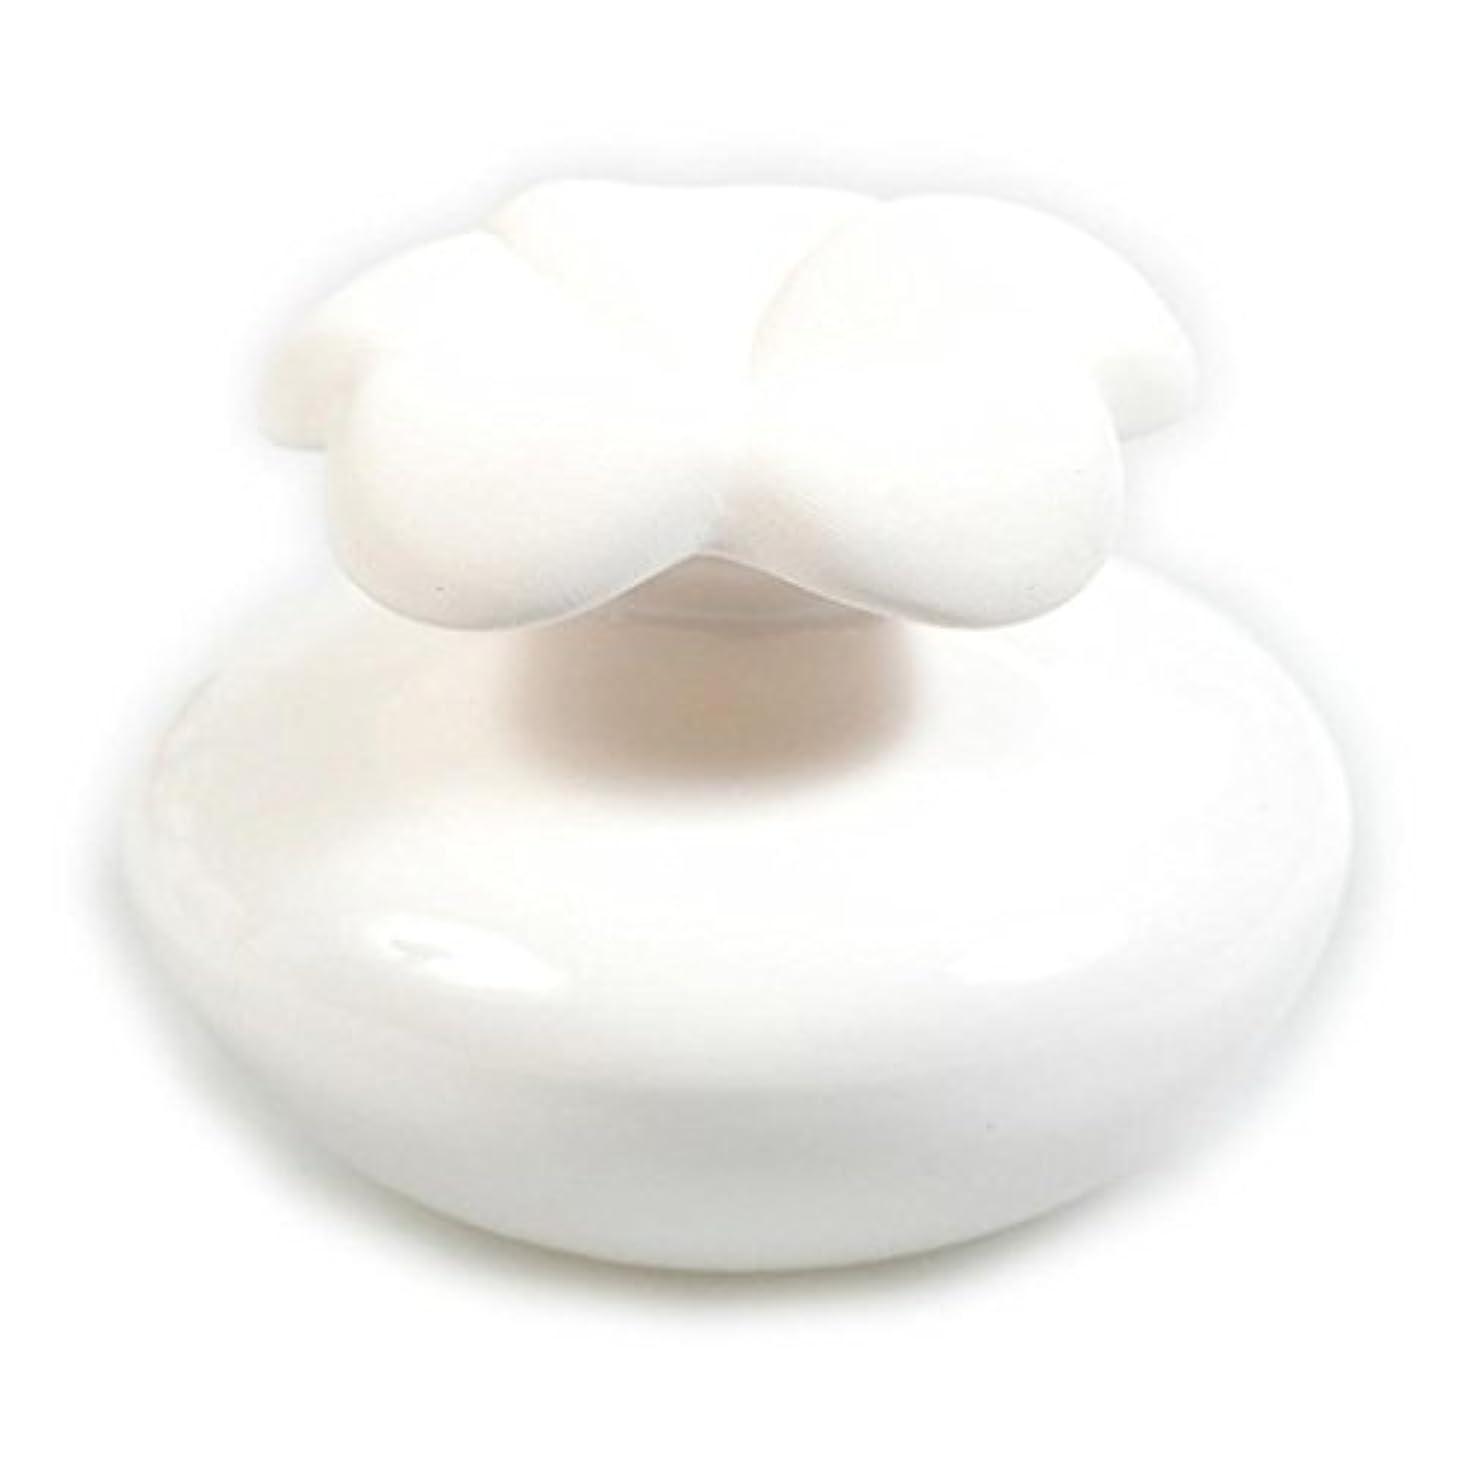 Millefiori FIORE ルームフレグランス用 花の形のセラミックディフューザー Sサイズ ホワイト LDIF-FS-001